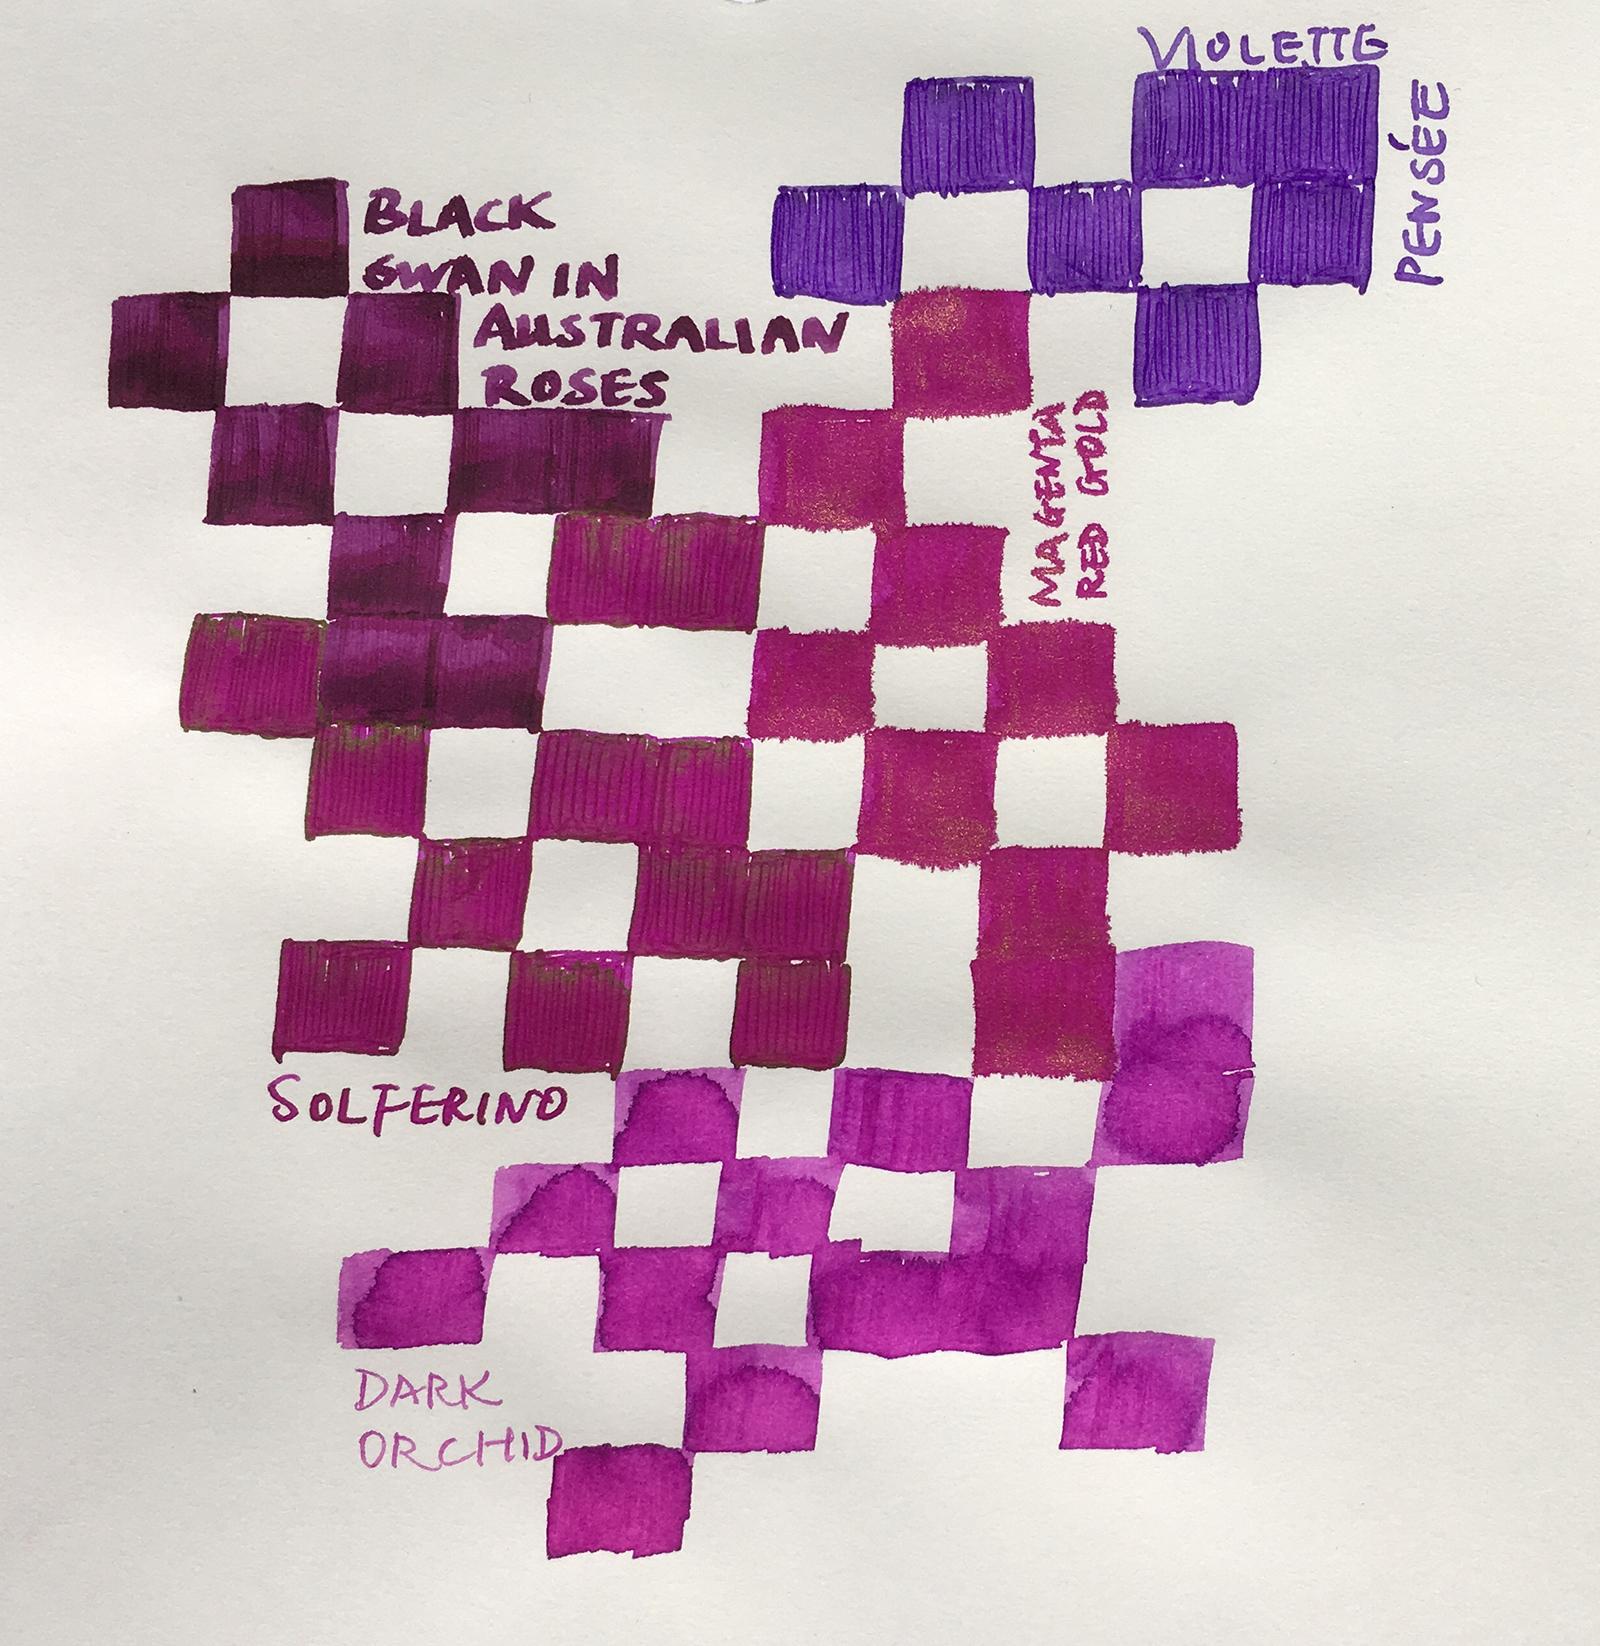 fpn_1479993344__purples.jpg